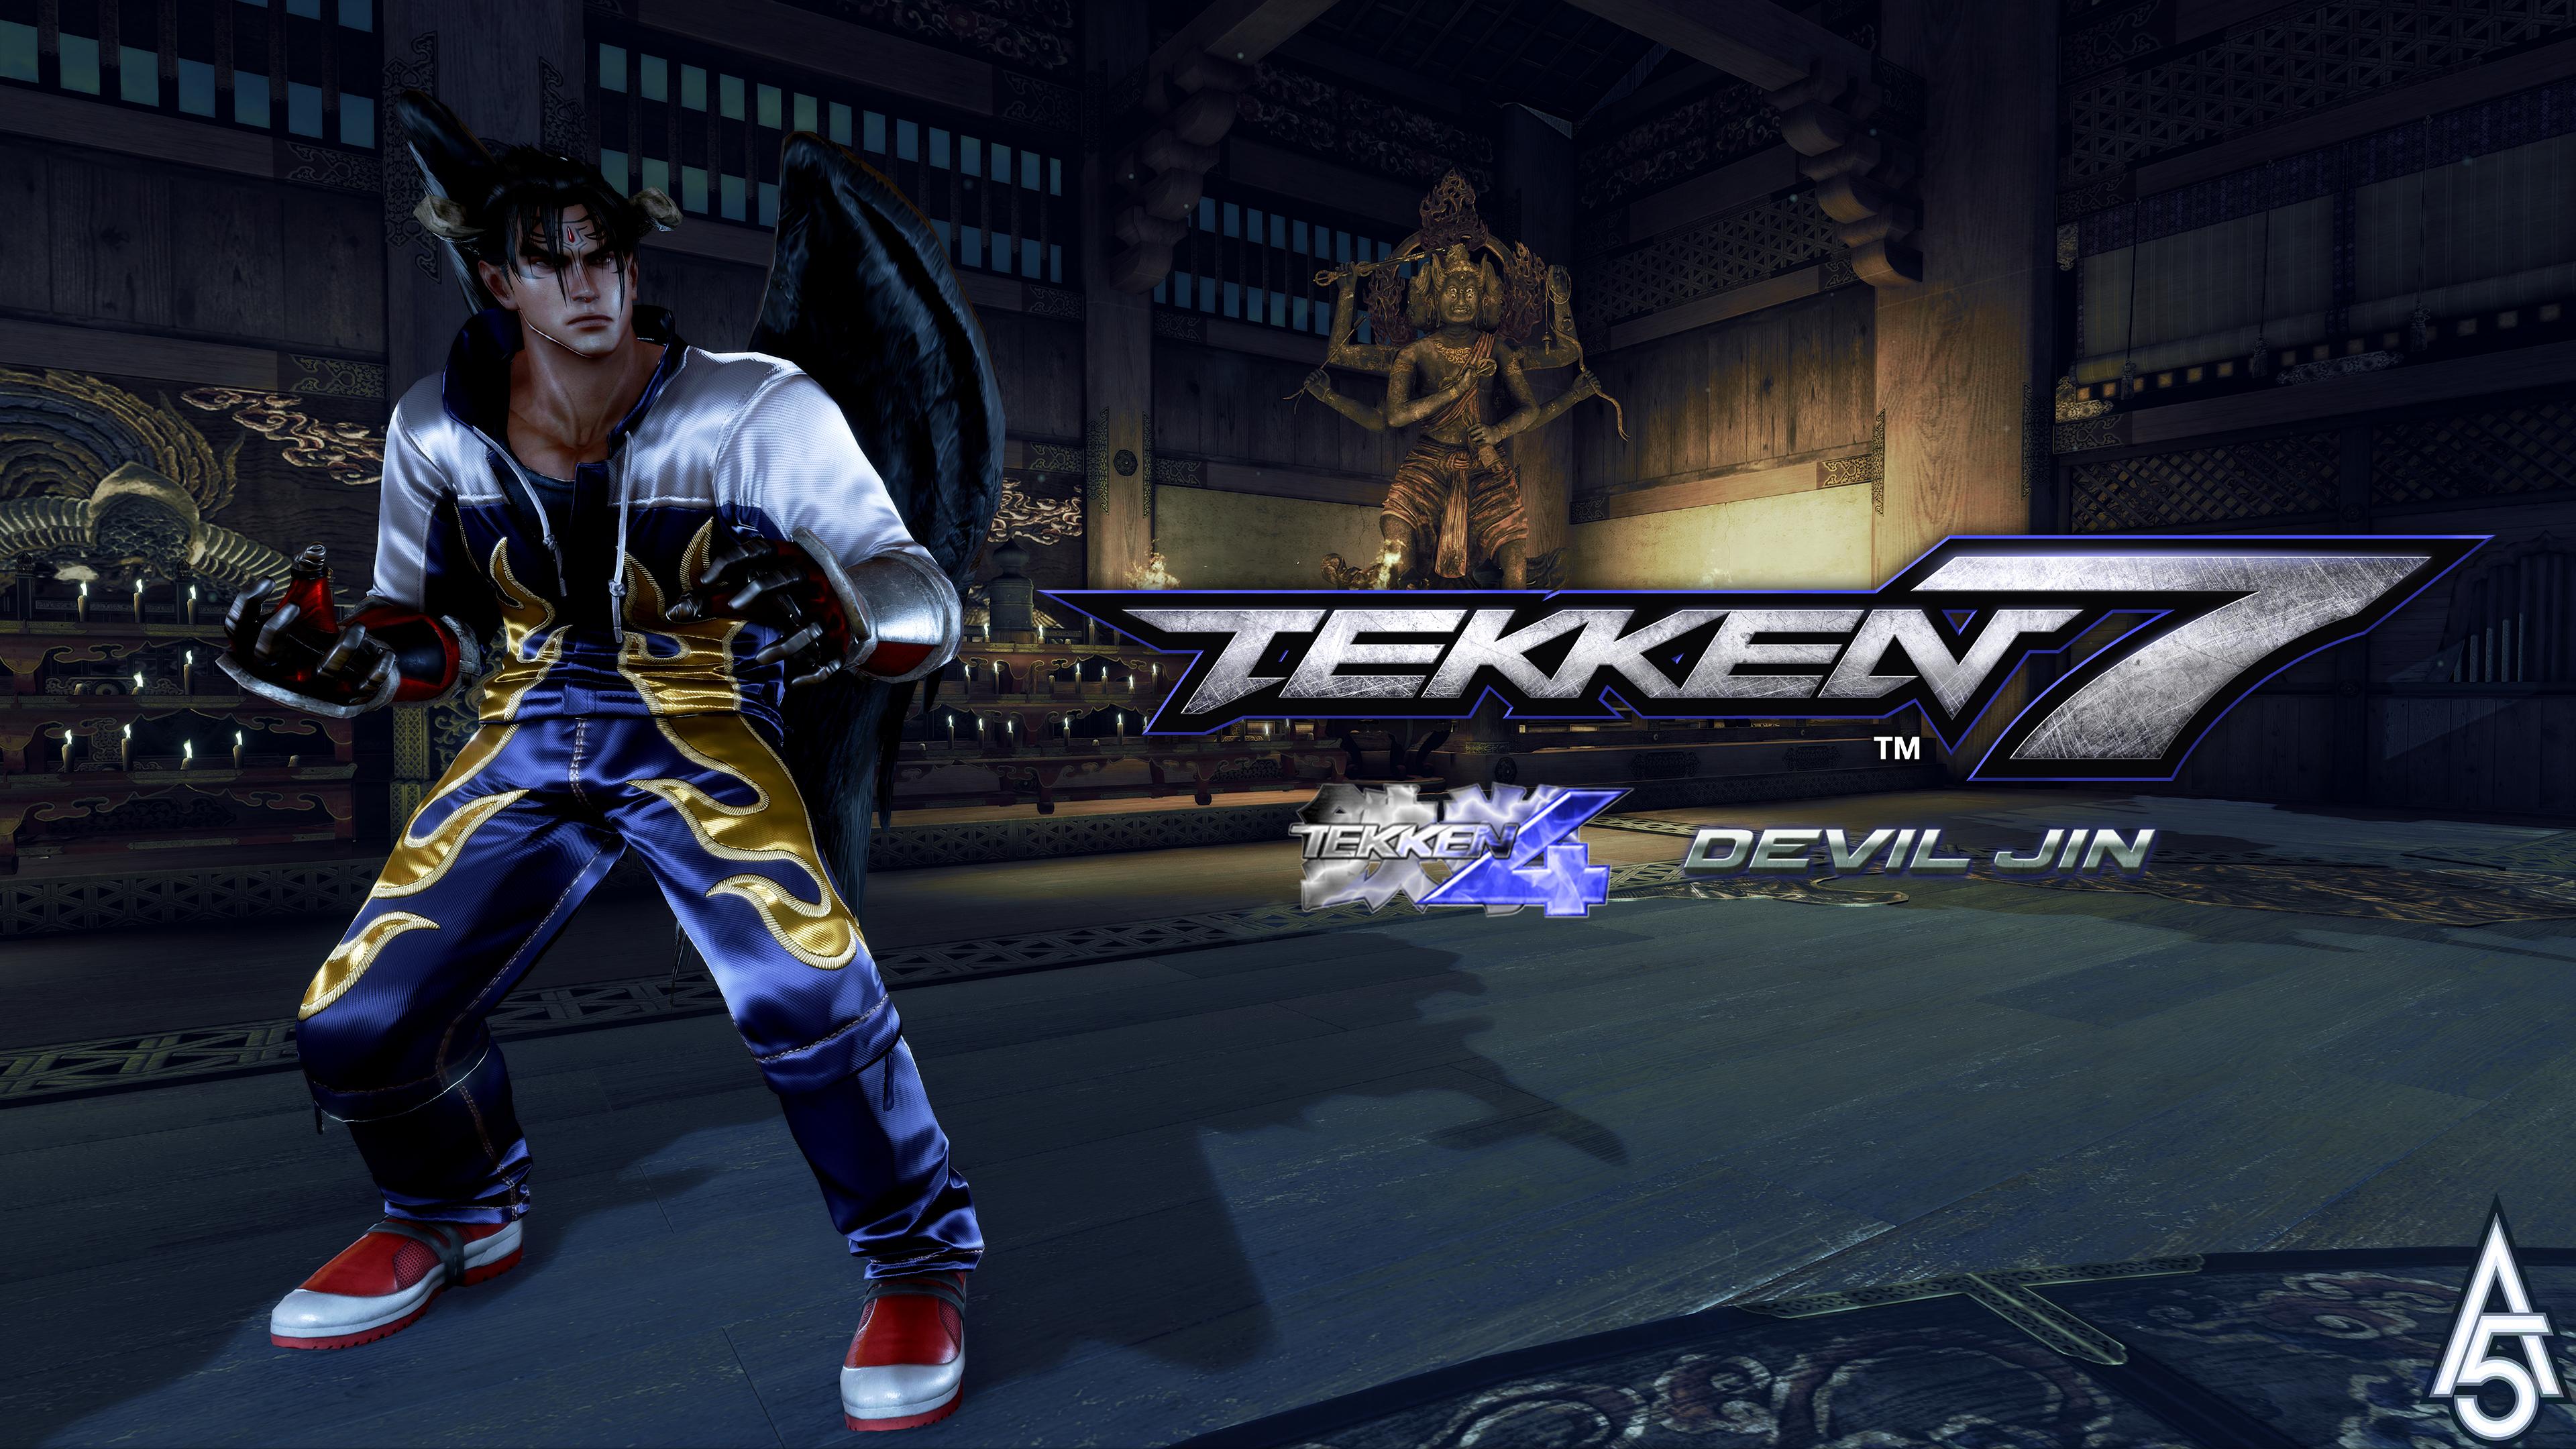 Tekken 7 Tekken 4 Devil Jin Hoodie Mod By A5tronomy On Deviantart